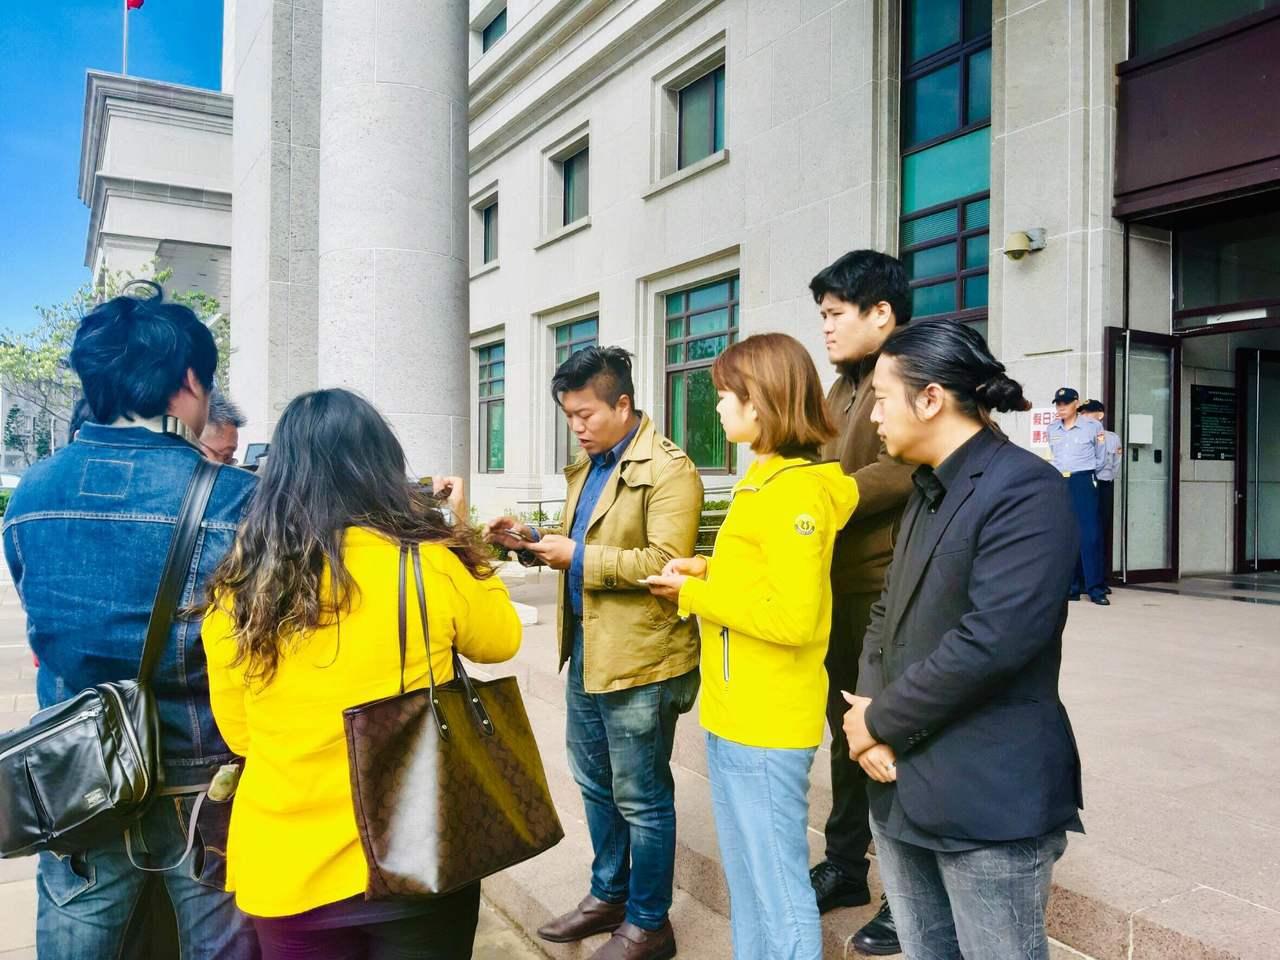 澎湖青年陣線提名的湖西鄉民代表候選人林若水獲247票,僅以1票之差敗給陳邦基的2...